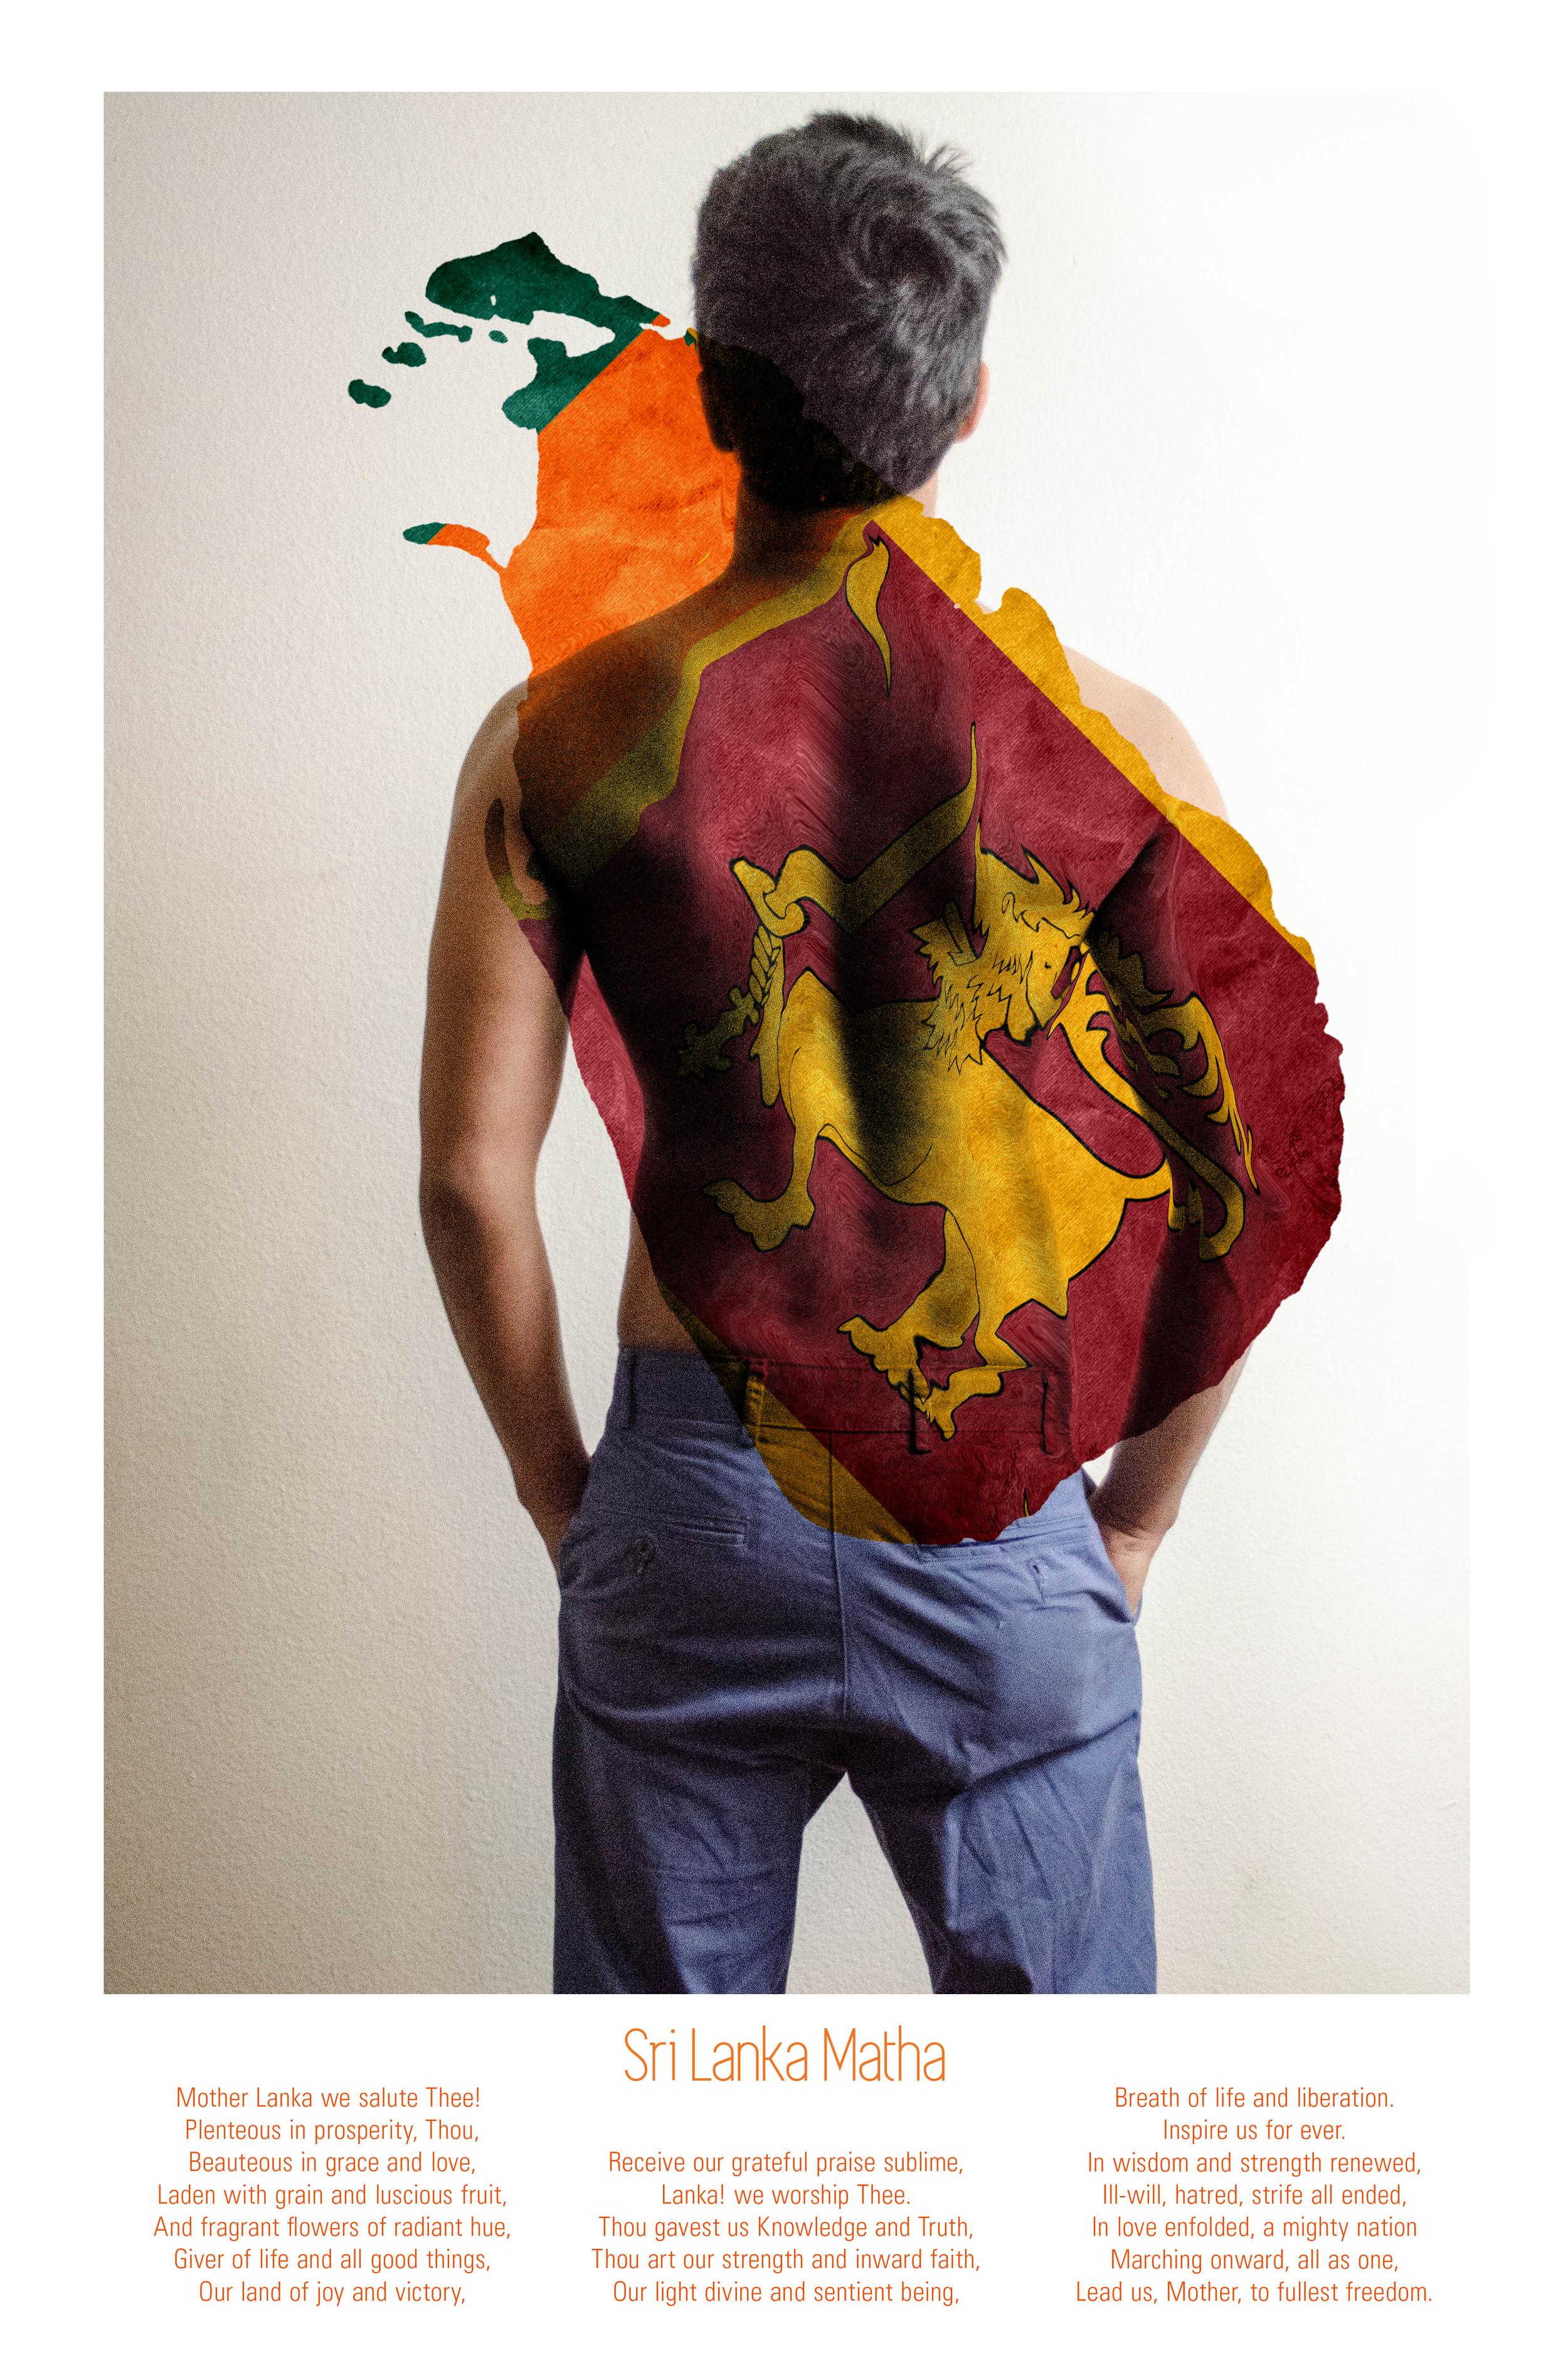 Sri Lanka Matha